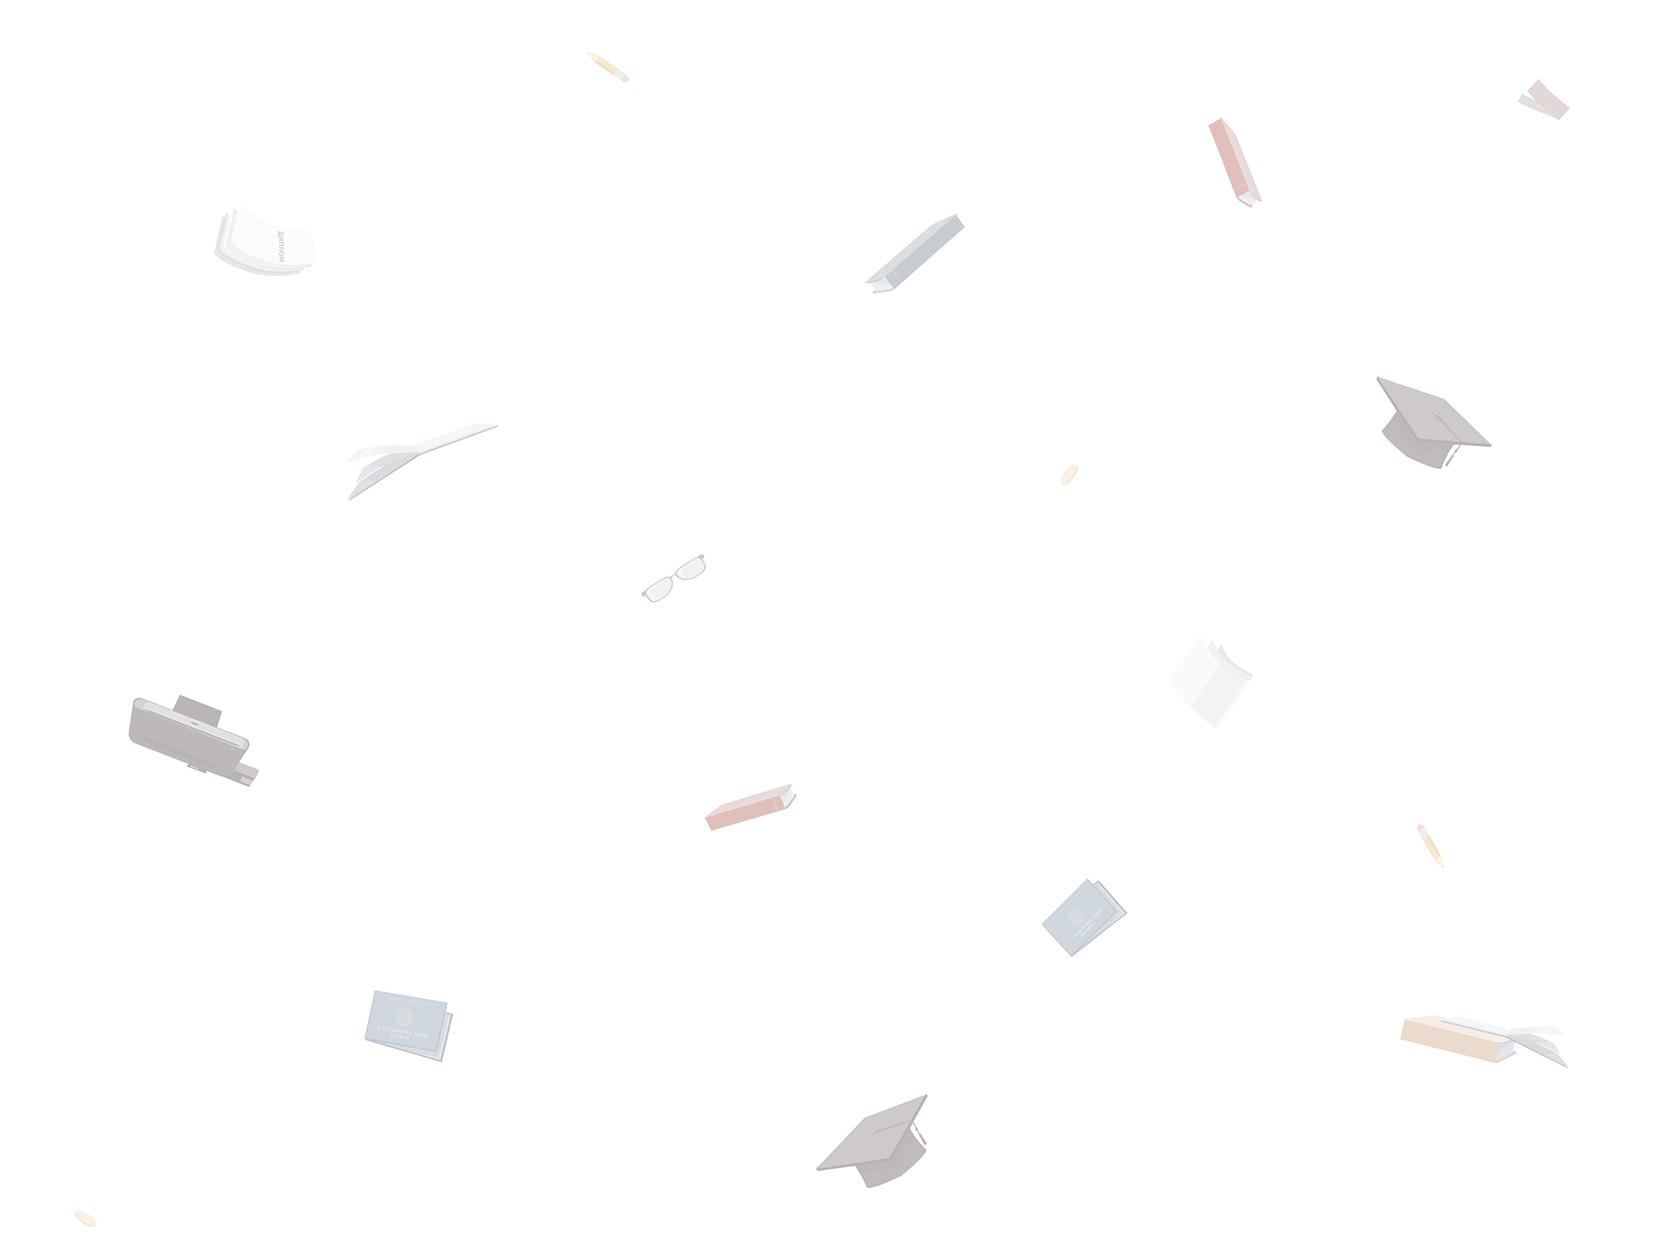 Дорогой диплом историй о том как подготовить напечатать и   Если считать что печать в копицентре стоит в среднем 10 рублей за лист а дома краска 800 рублей за 5000 листов бумага 250 рублей за 500 листов